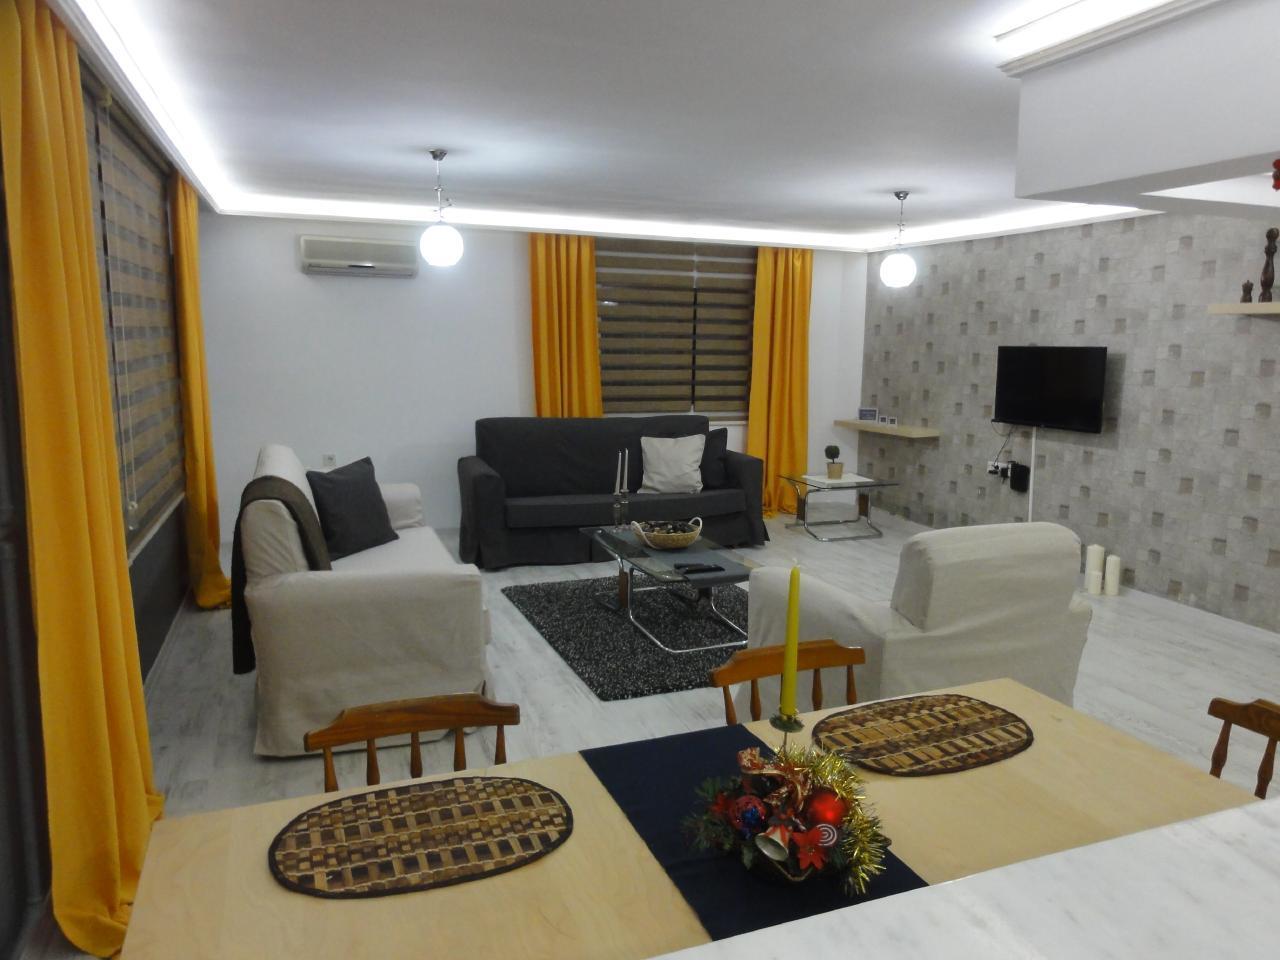 Ferienwohnung Evodak Apartment D 2 (1710501), Balgat, , Zentralanatolien, Türkei, Bild 1